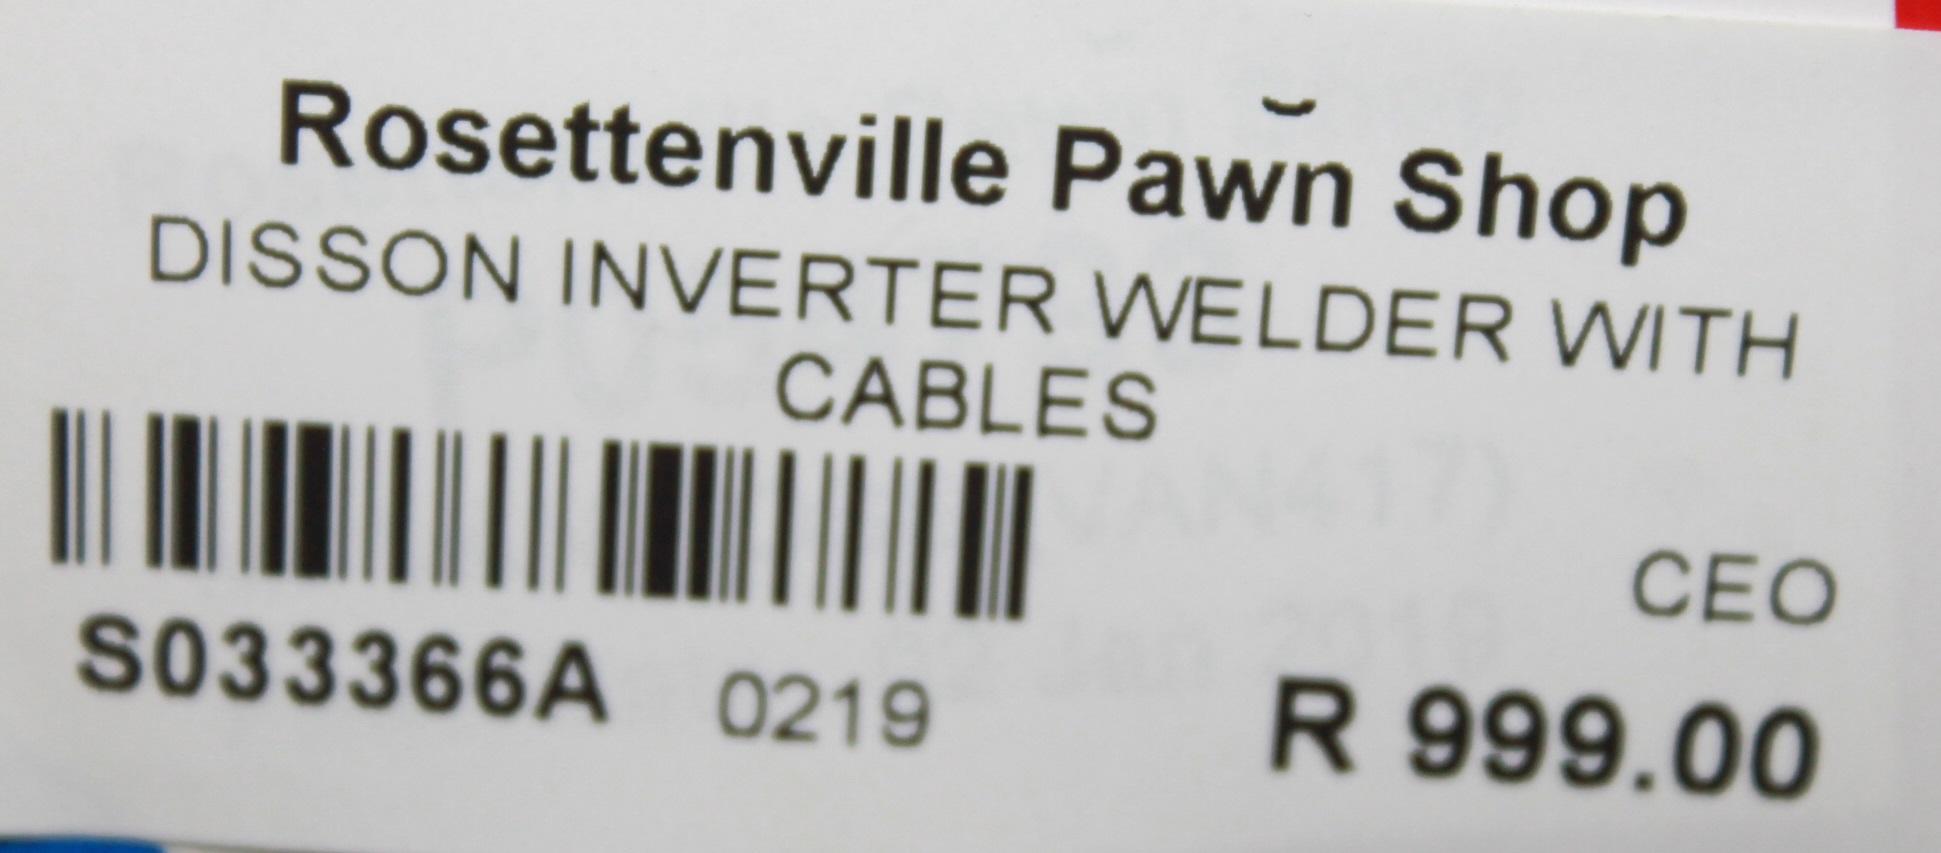 S033366A Disson Inverter Welder #Rosettenvillepawnshop